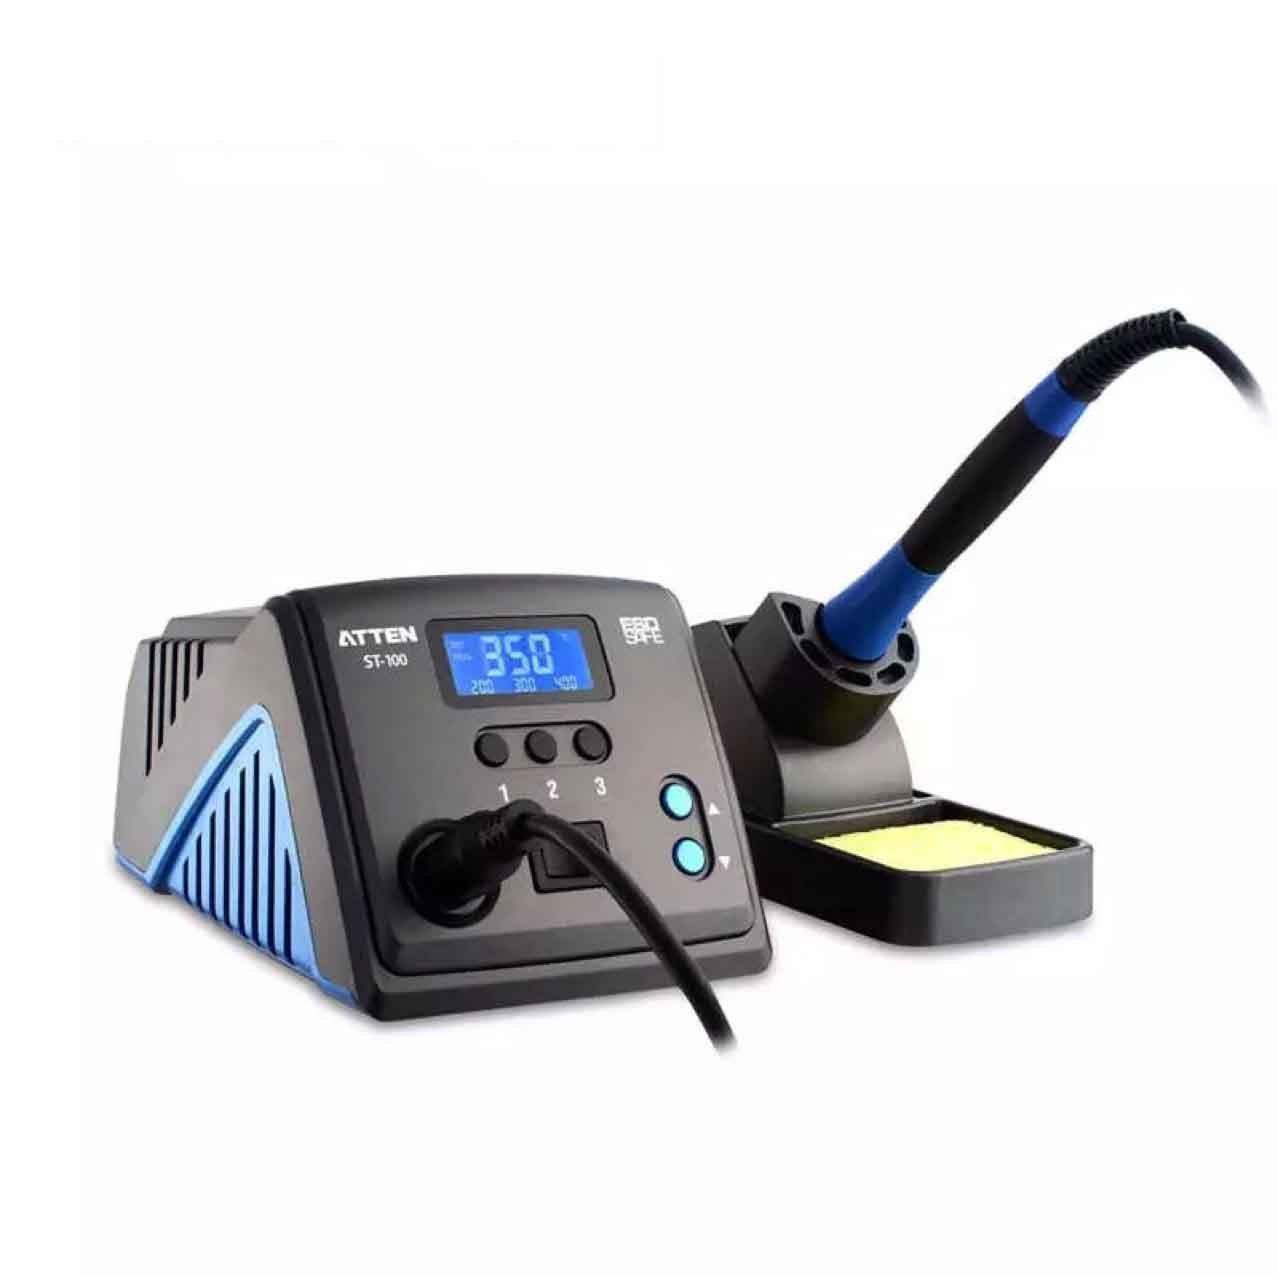 Mmsww Lötstation mit Konstanter Temperatur,Antistatisch,Verbrühschutz,Bleifreie Lötstation,Hochtemperaturlötkolben,Schlaffunktion,Automatischer Standby,Thermostat Elektrisches Bügeleisen,60W